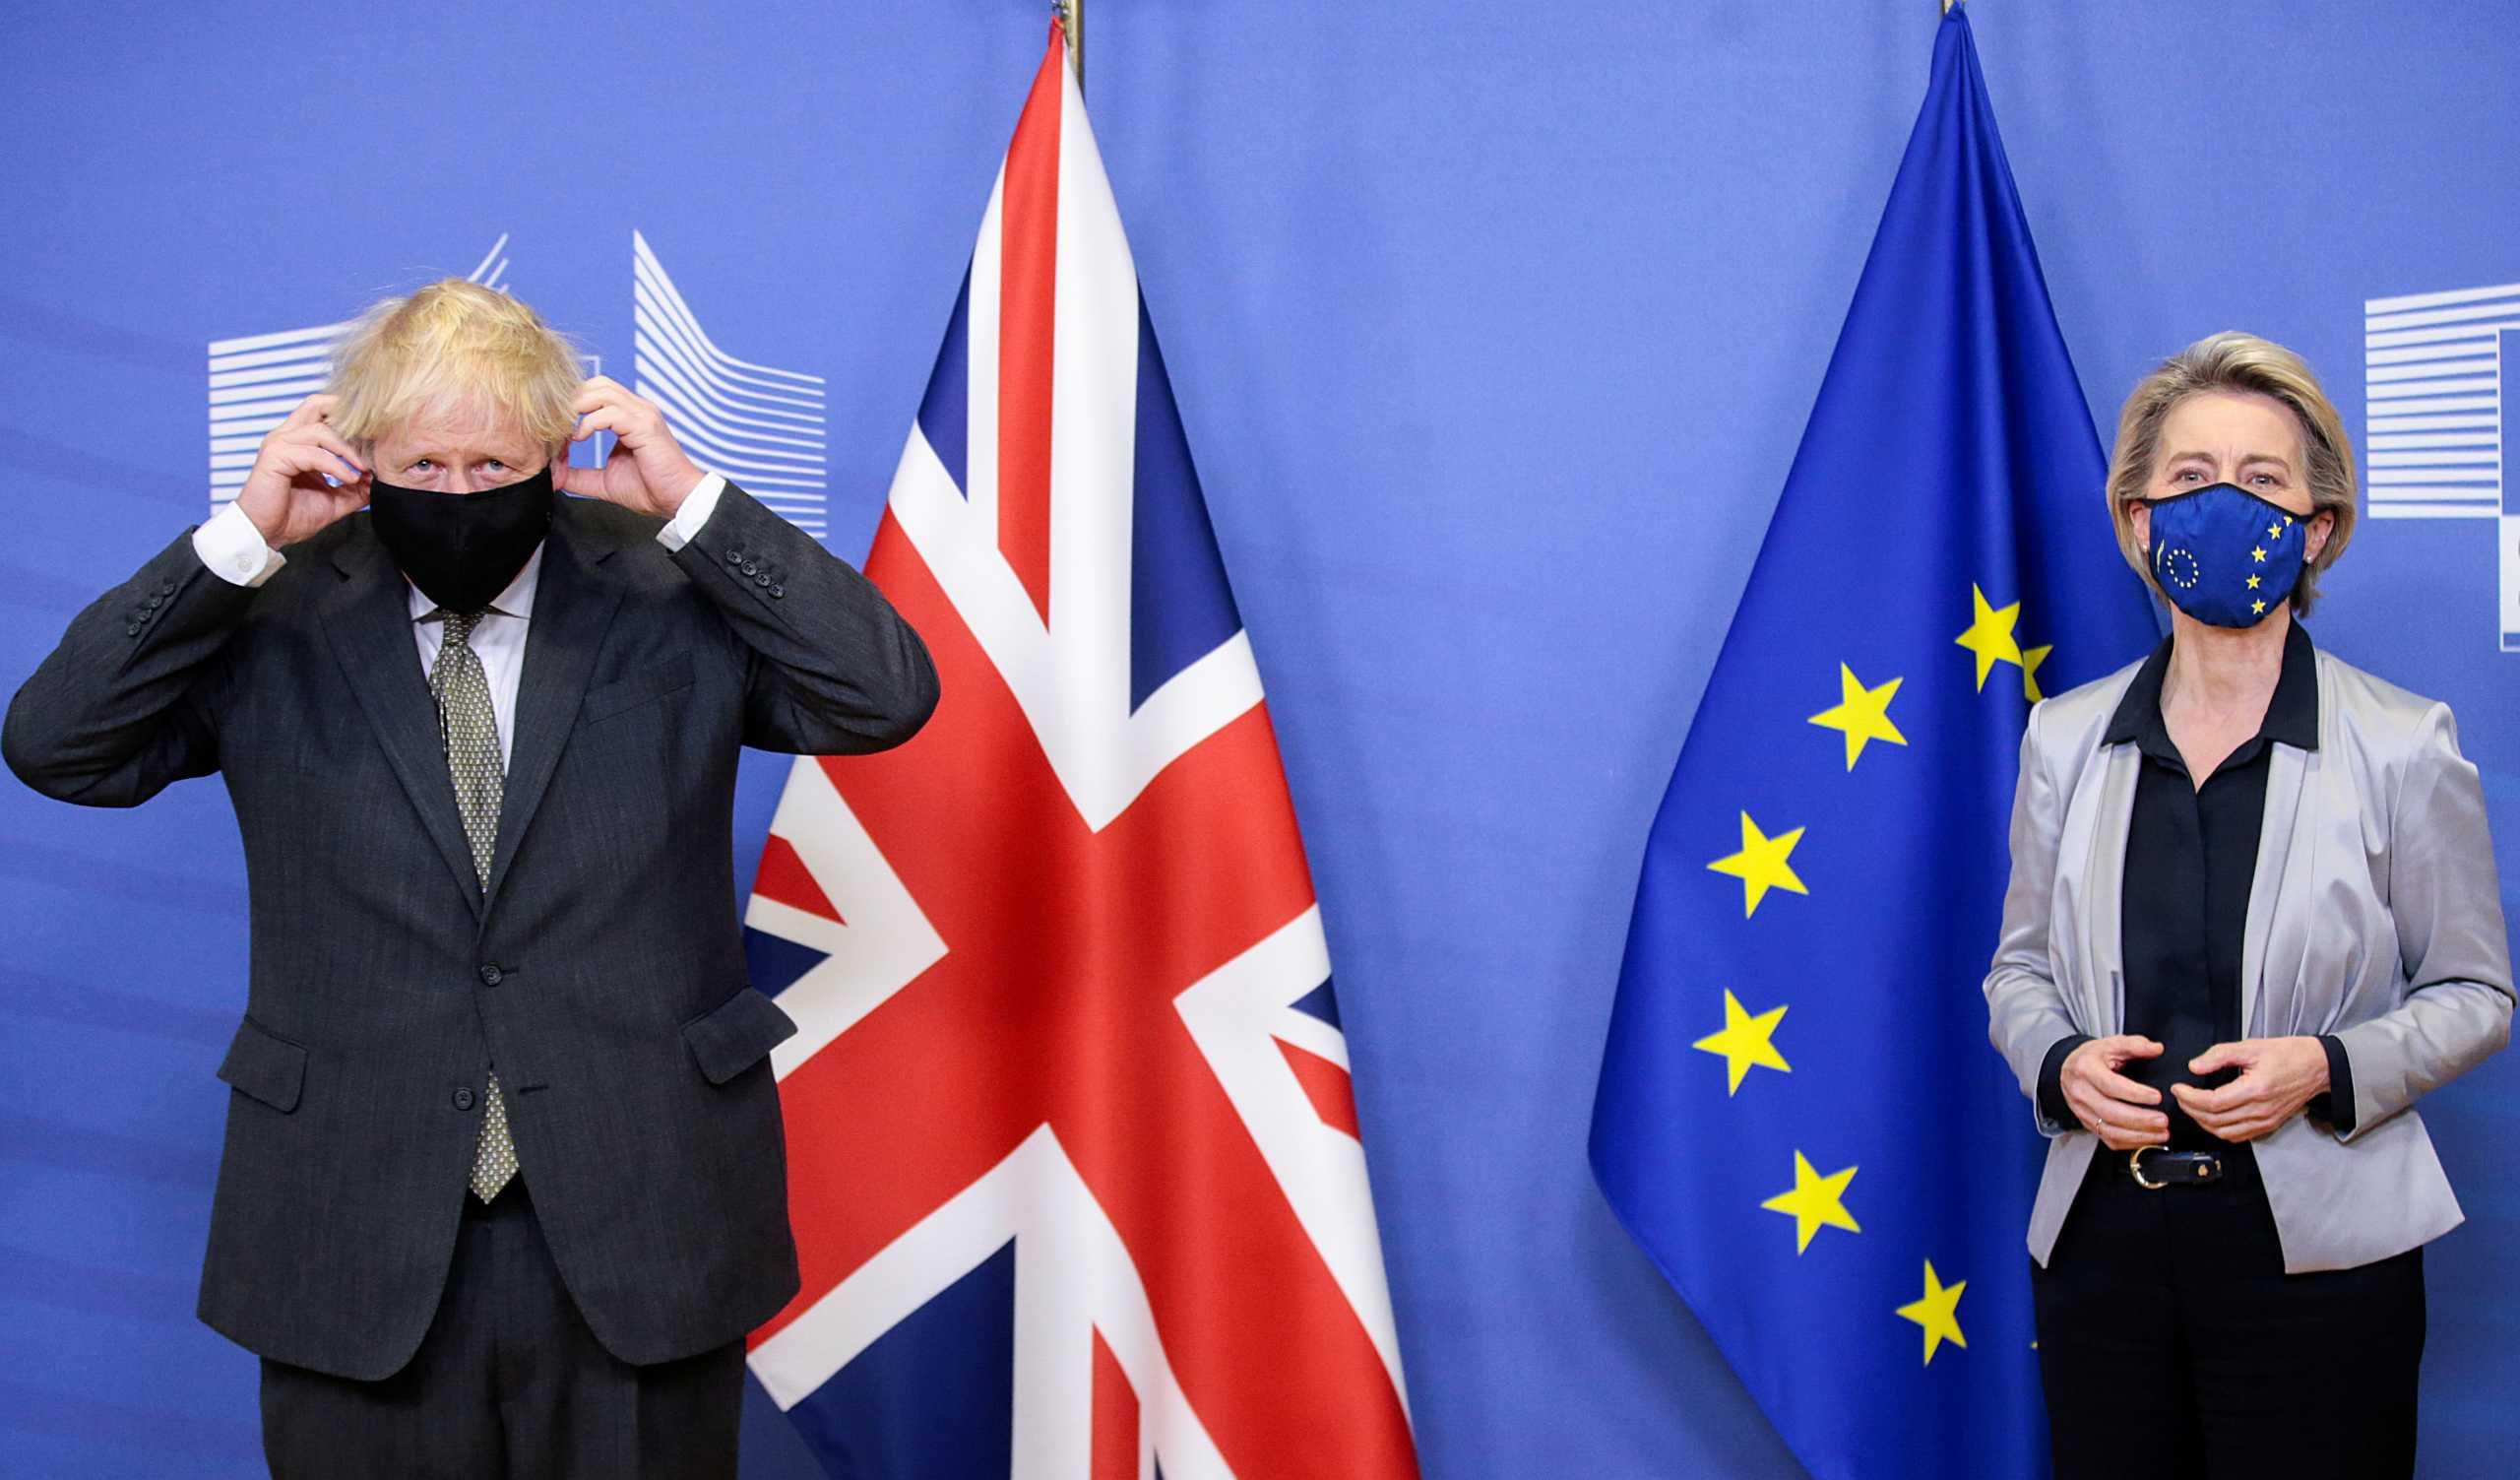 Αβέβαιη η εμπορική συμφωνία ανάμεσα σε Βρετανία και ΕΕ στο παρά 1′ του Brexit